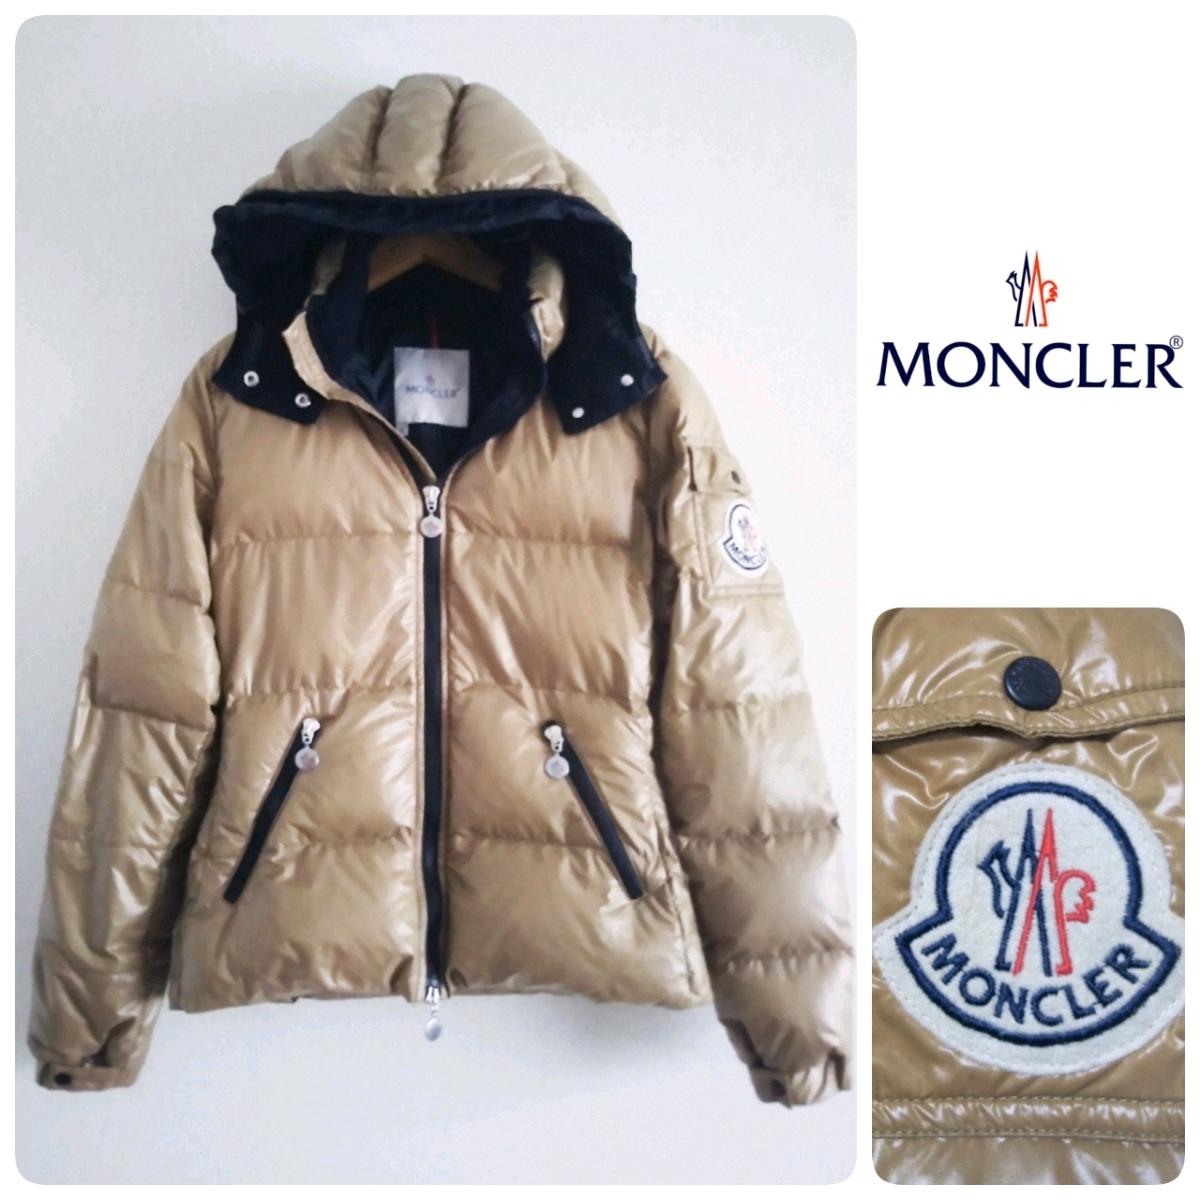 MONCLER モンクレール 人気バディア ビッグ刺繍ロゴ ワッペン フード付 ダウンジャケット ダウン90% 国内正規品 サイズ0 ベージュ 美品